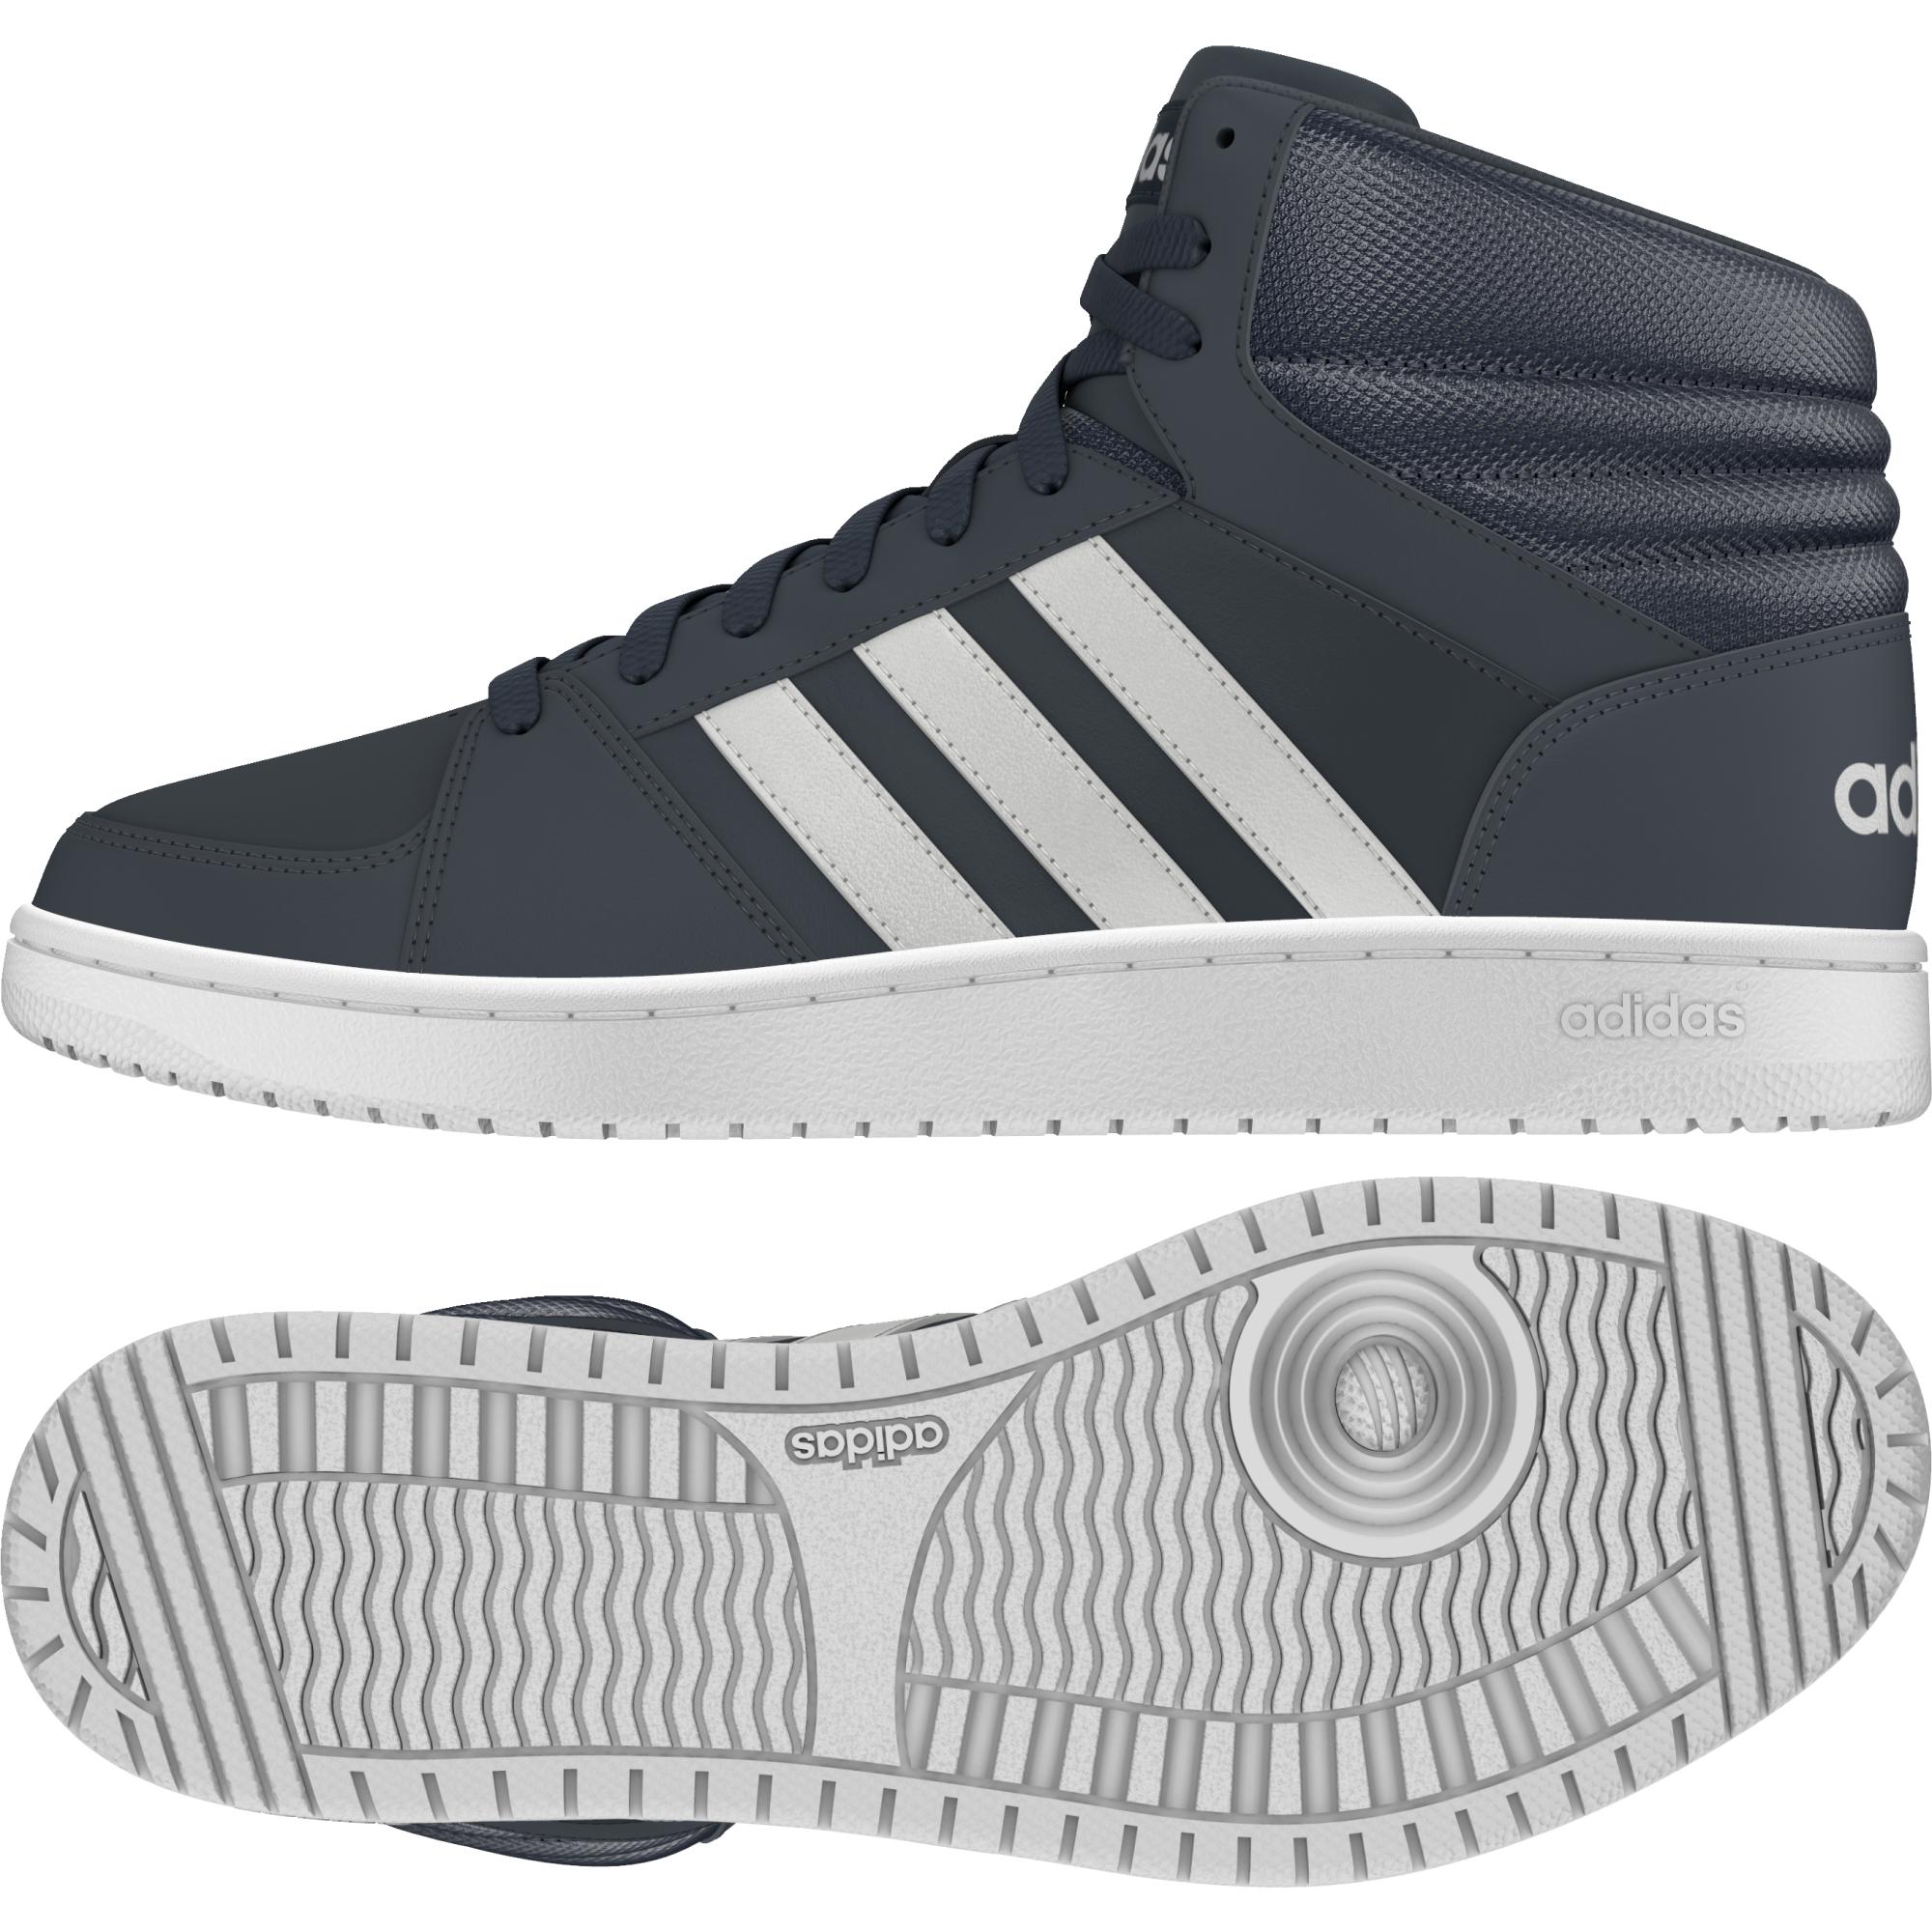 0973d7cfad Adidas Hoops Mid férfi utcai cipő , Férfi cipő   utcai cipő , adidas_neo , Adidas  Hoops Mid férfi utcai cipő